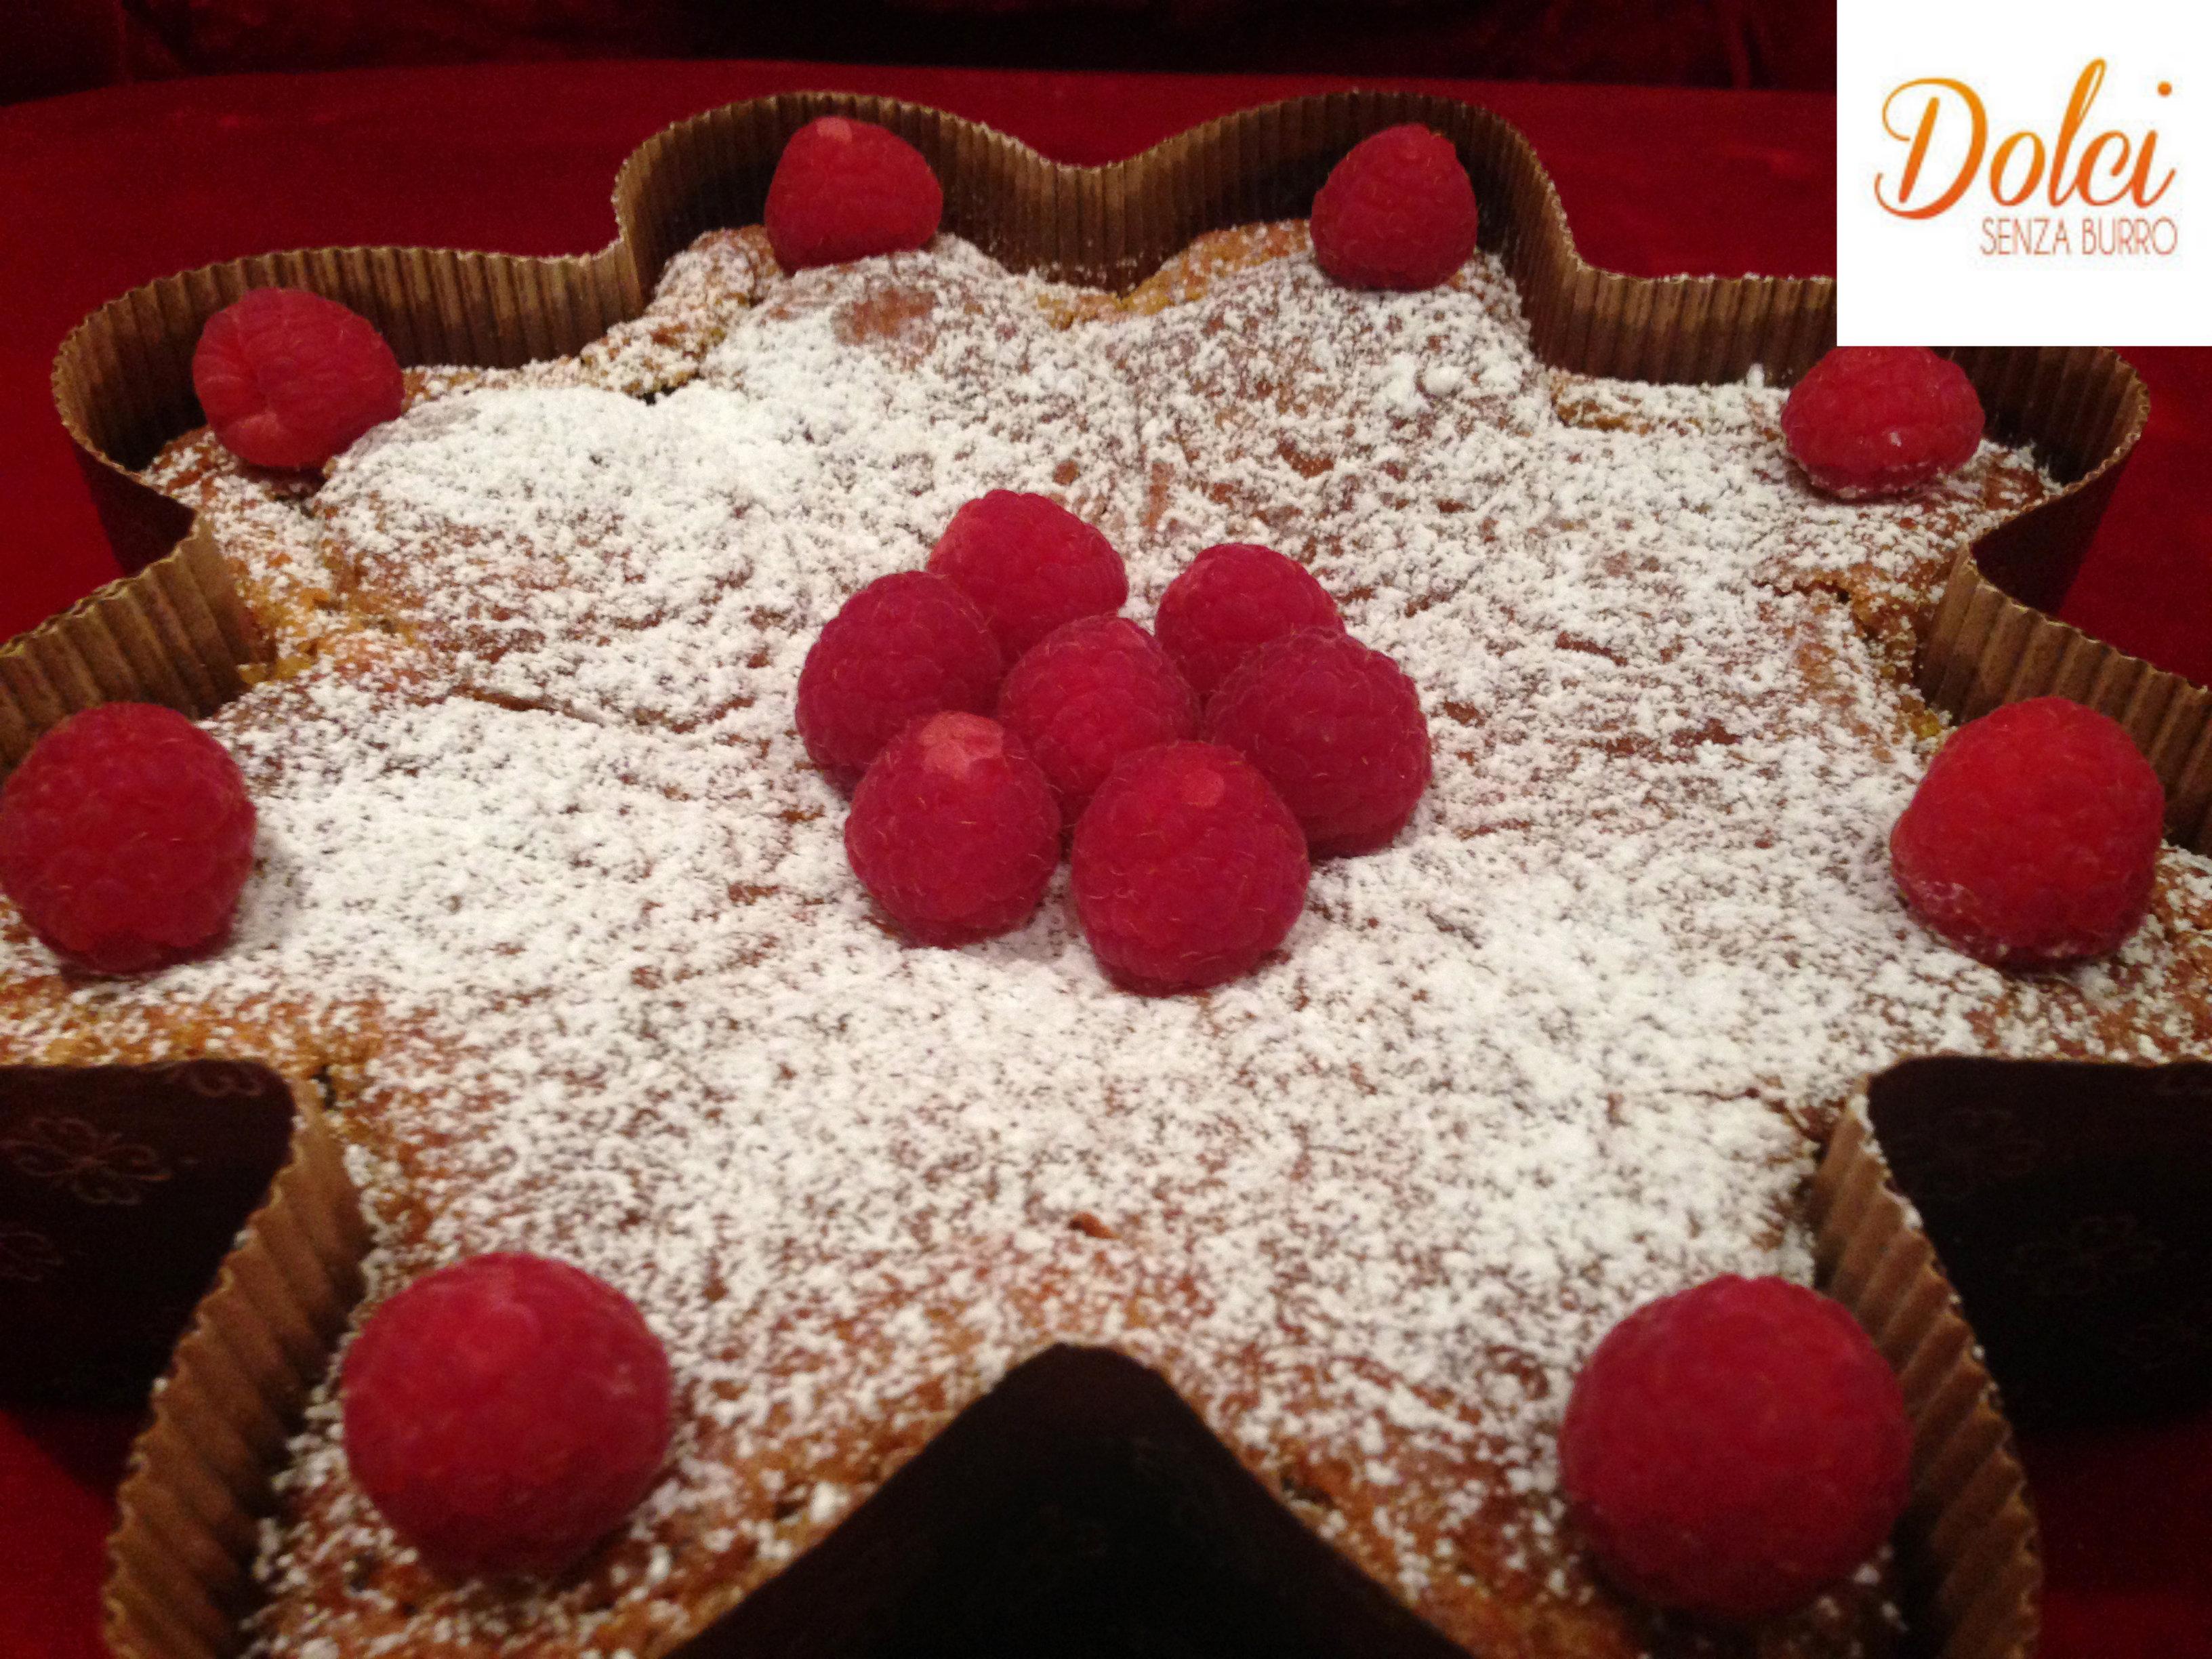 Torta Senza Burro e Uova alla curcuma un dolce speciale di dolci senza burro